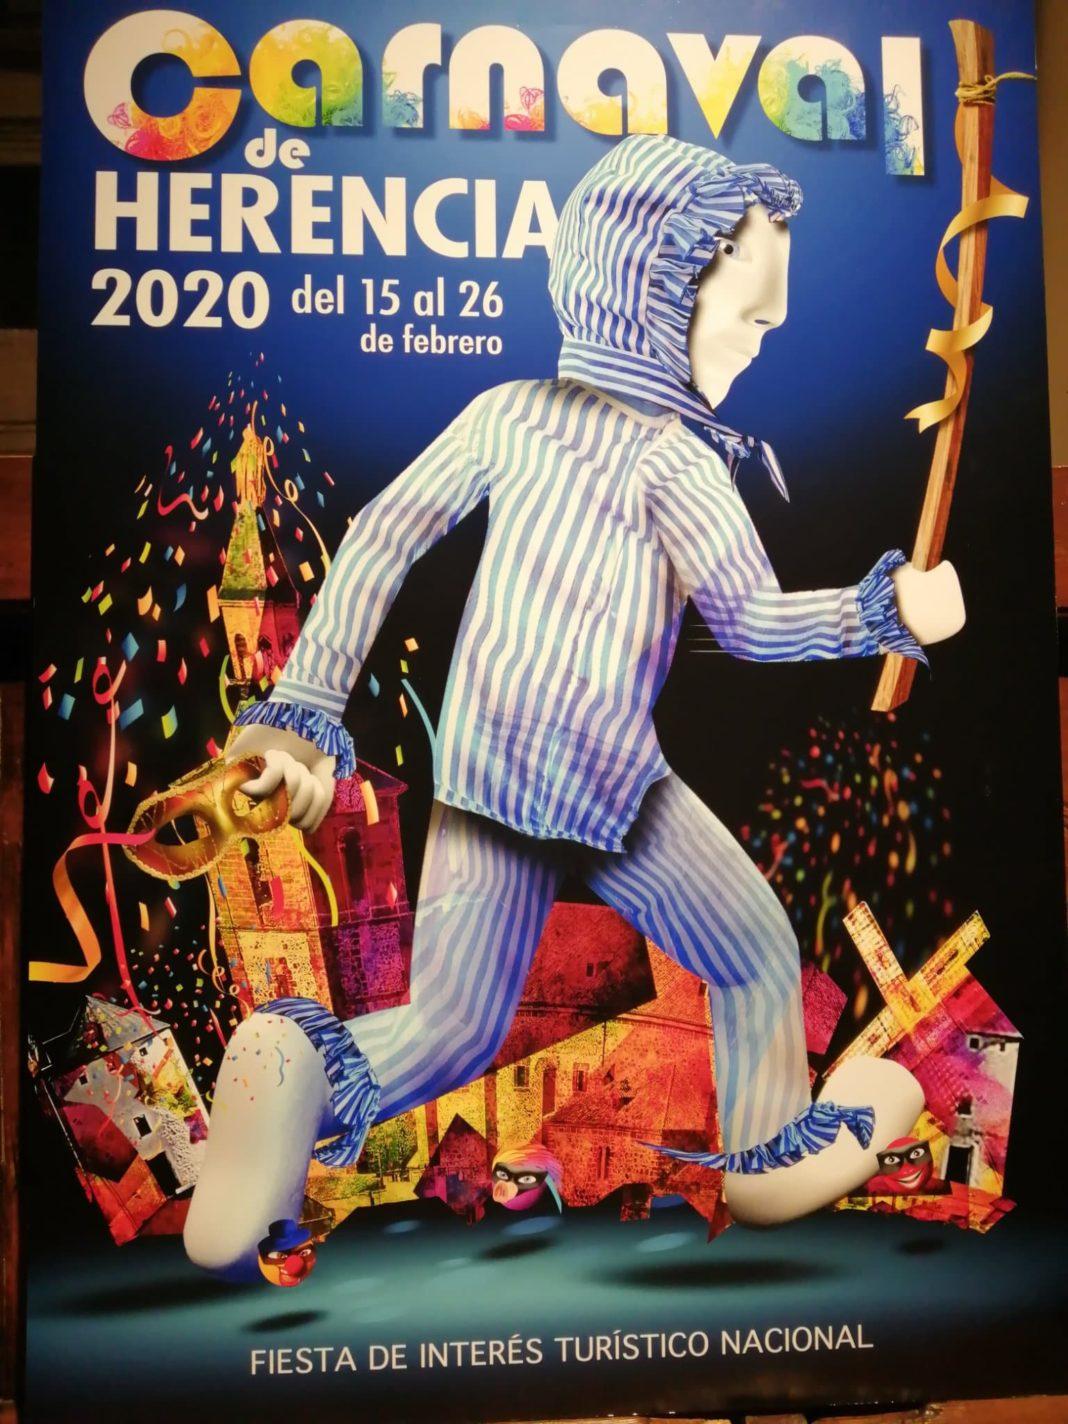 El Carnaval de Herencia 2020 ya tiene imagen 4